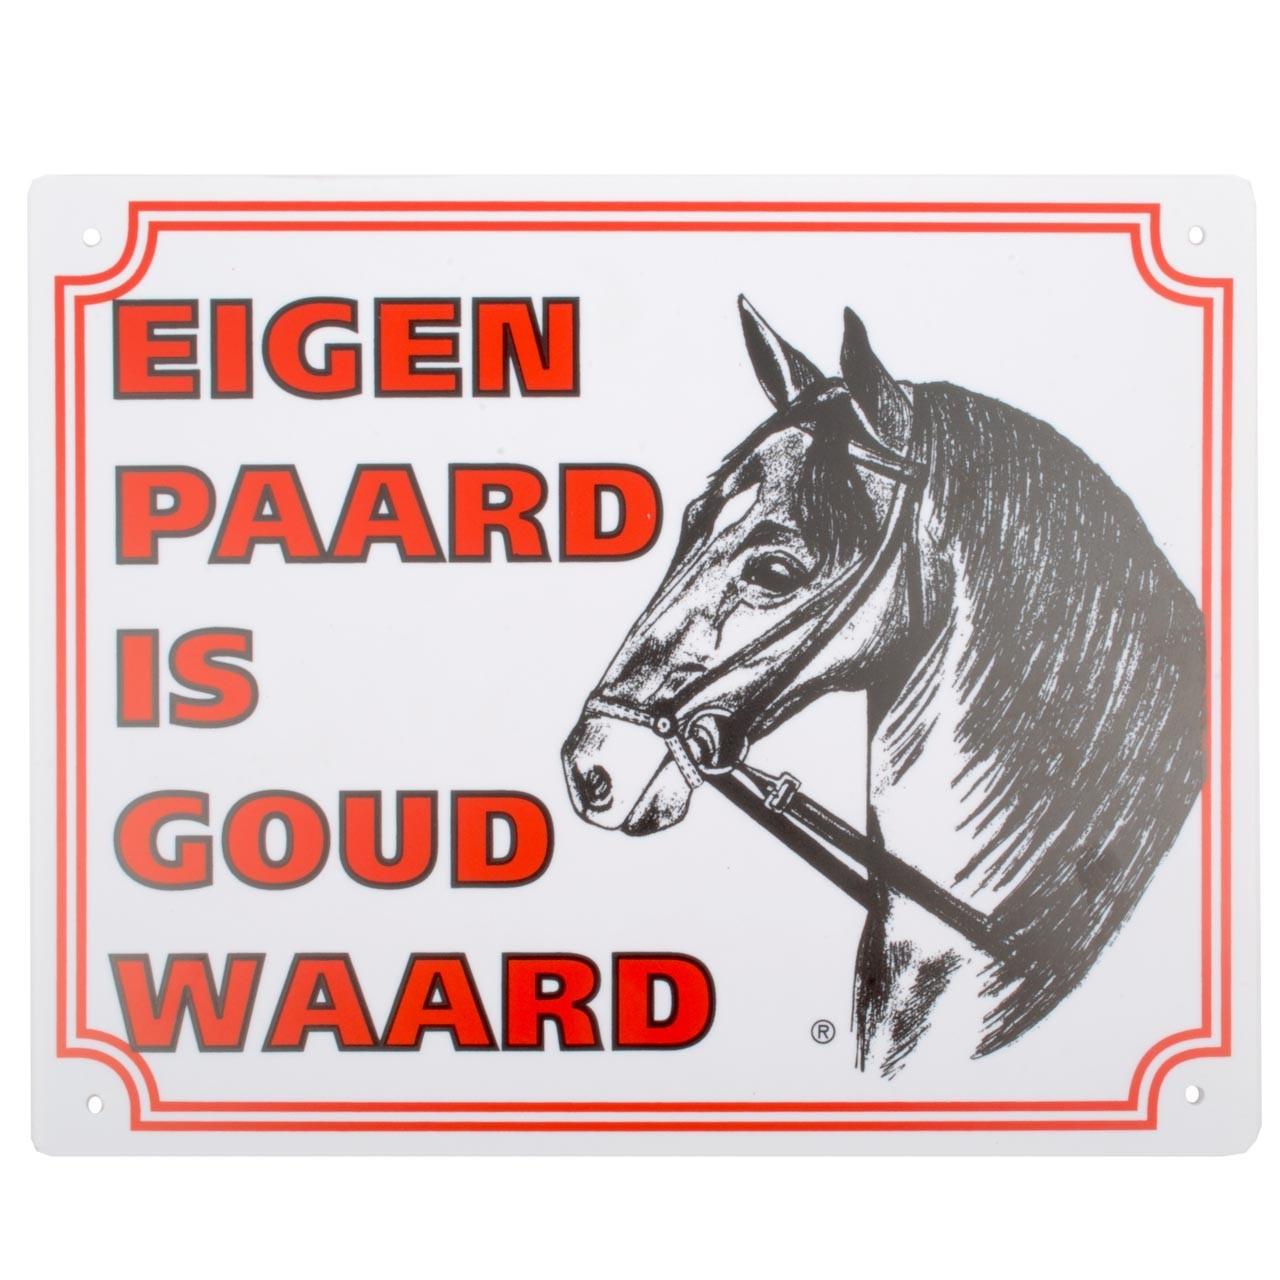 Bord: eigen paard is goud waard